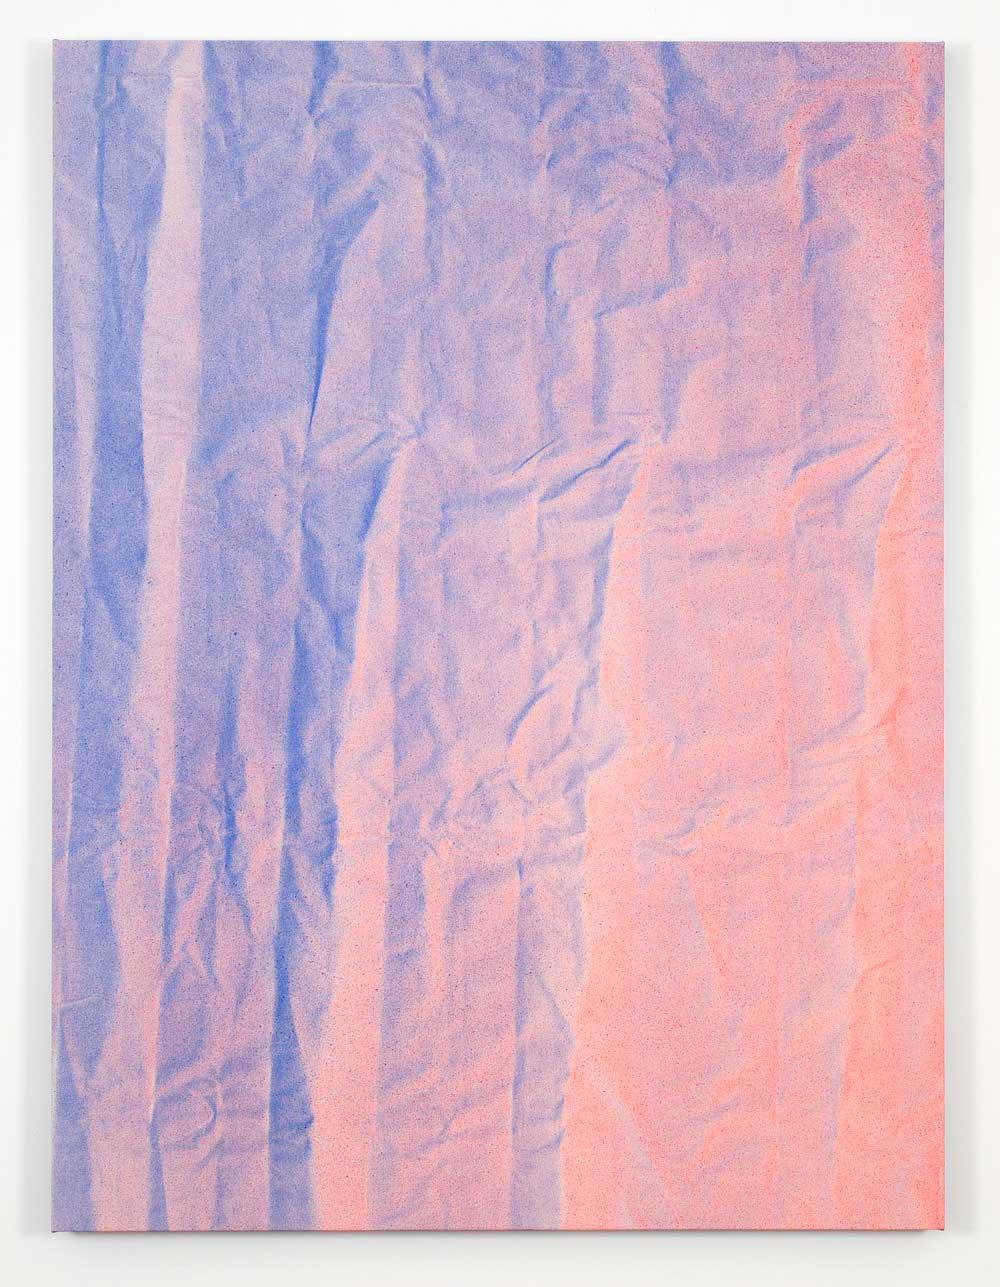 0228 Untitled (Fold) Tauba Auerbach | Yellowtrace